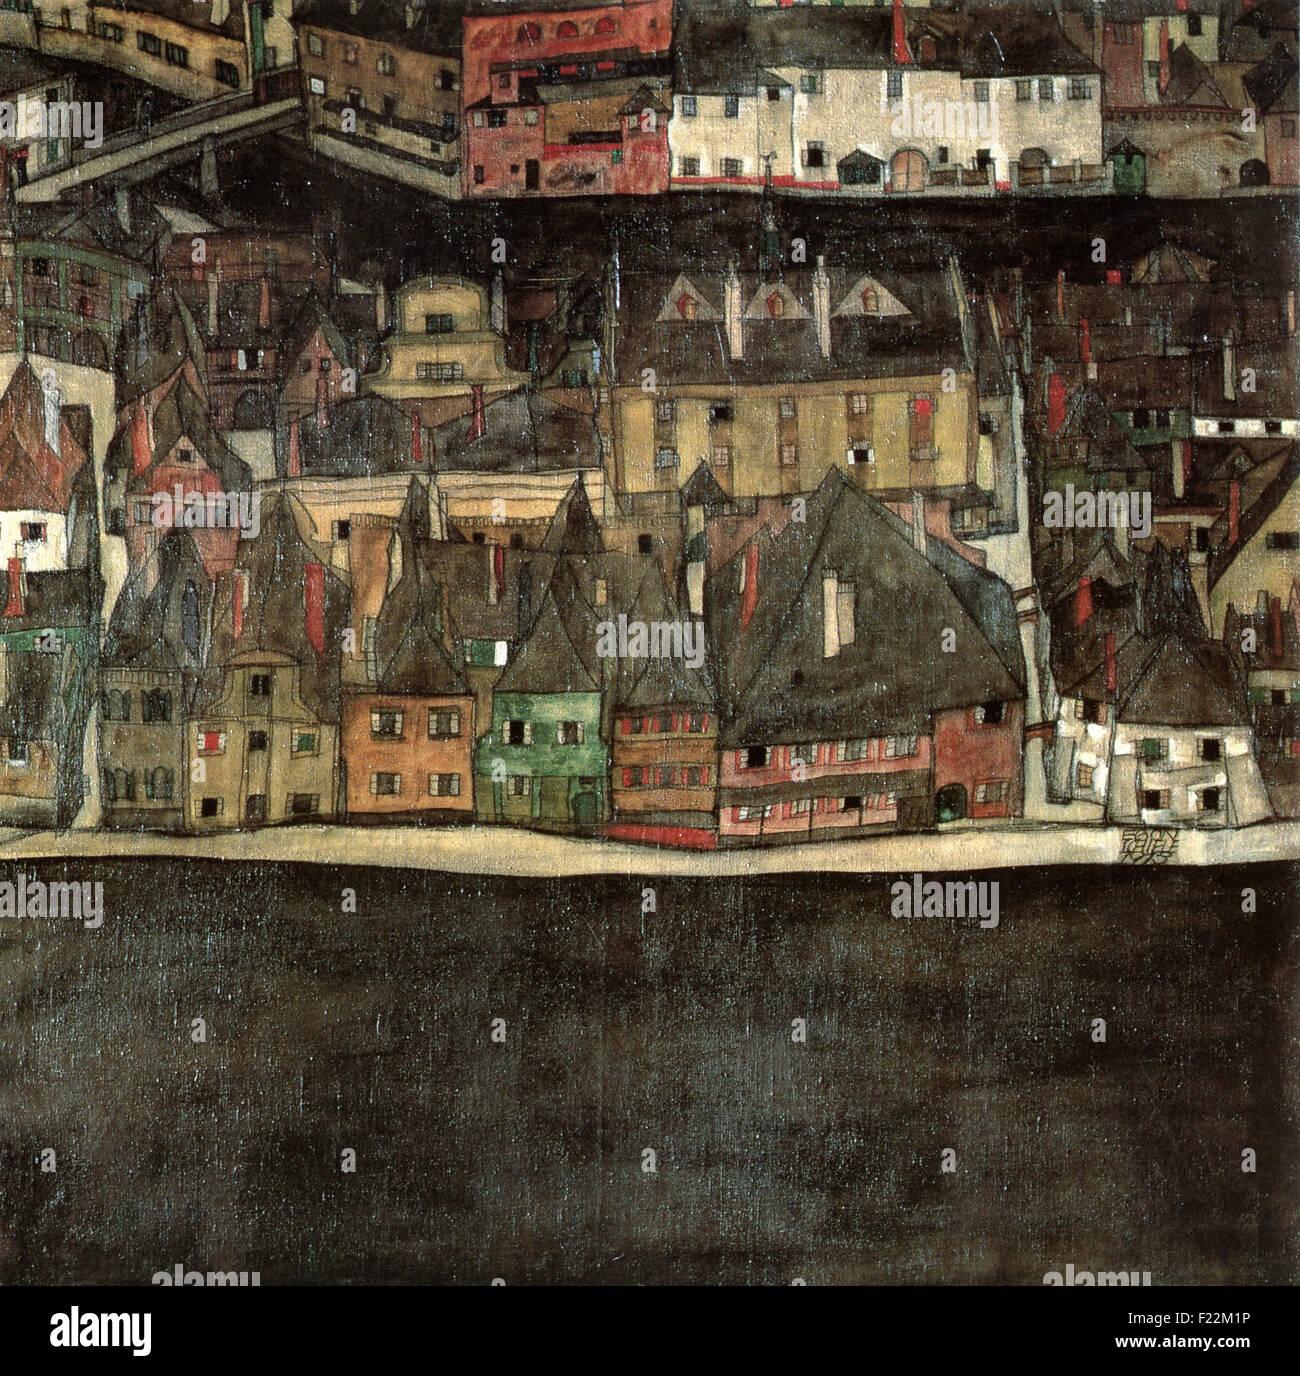 Egon Schiele - Die Kleine Stadt II - Stock Image